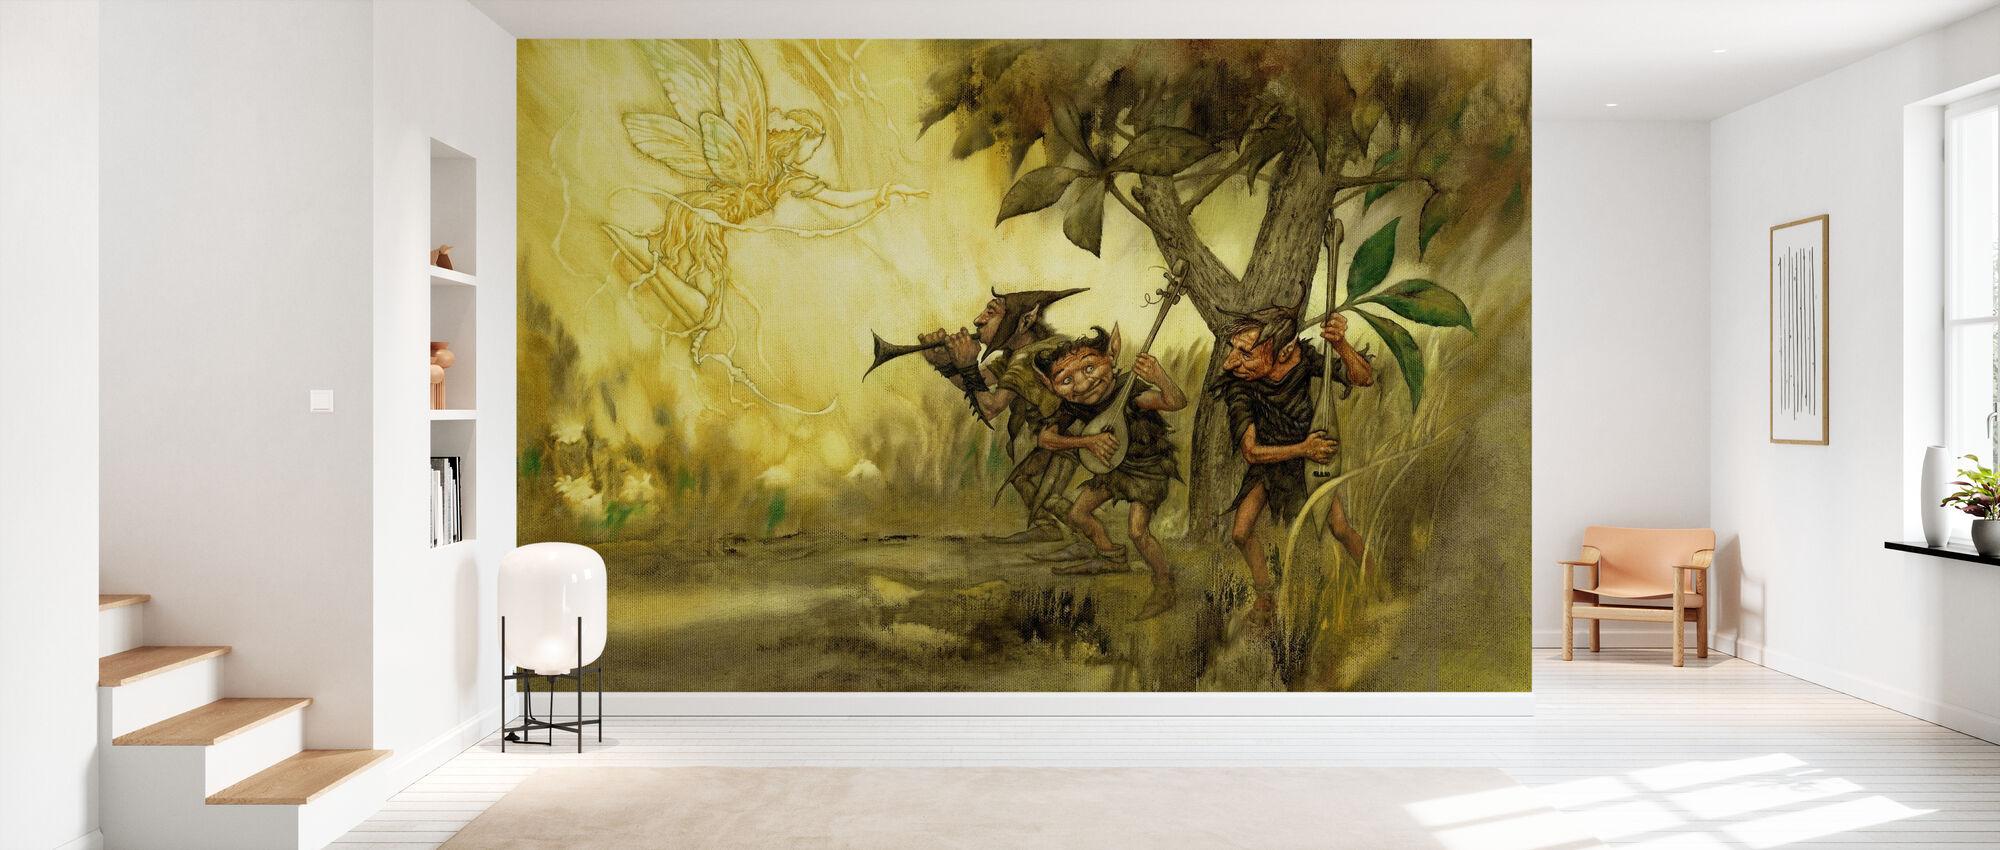 Duendes - Wallpaper - Hallway